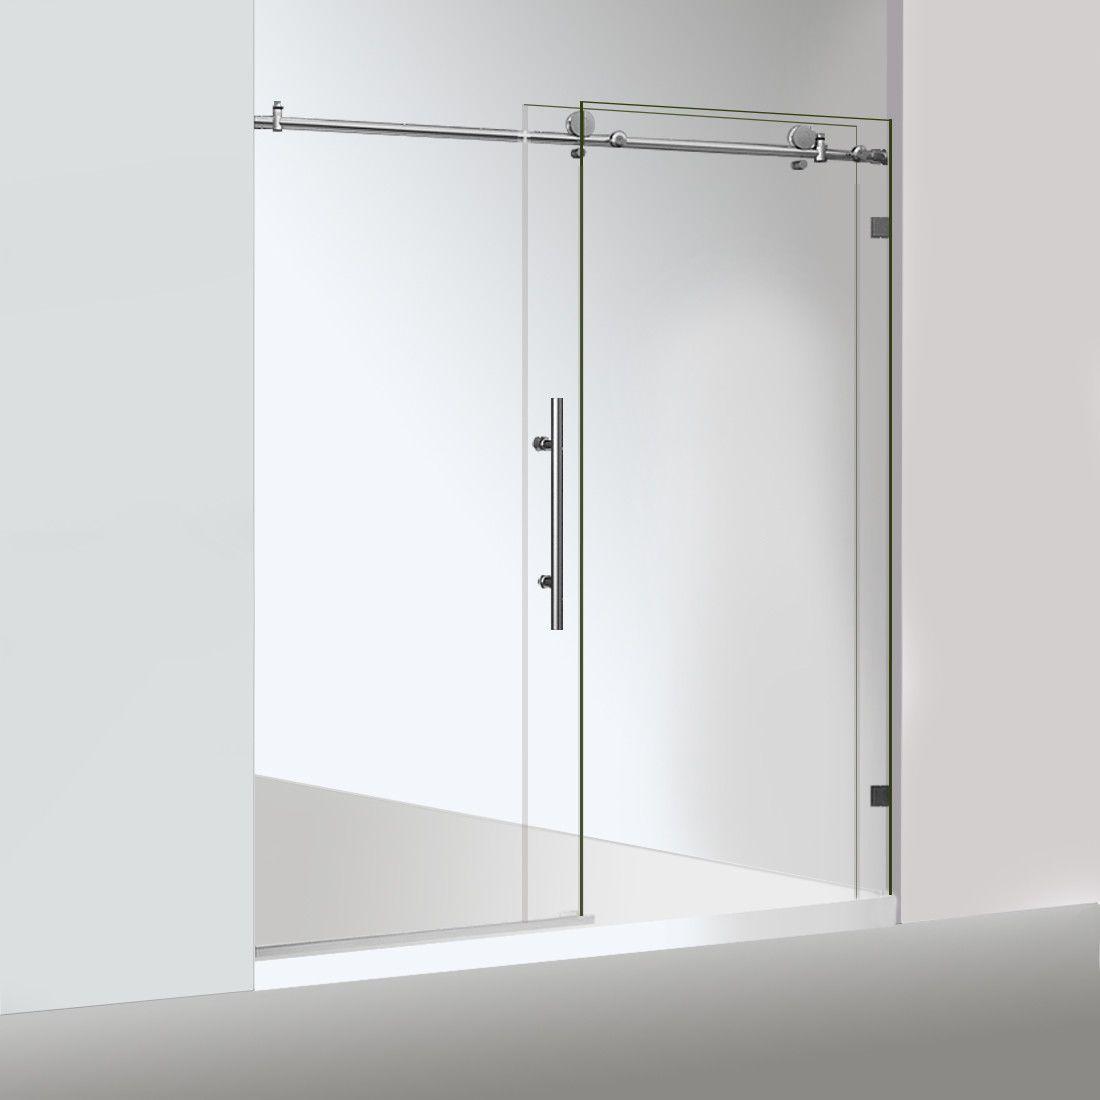 2019 Class Not Include Stainless Steel Chrome Frameless Sliding Shower Door Hardware Round Tube Sliding Shower Door Enclosure From Att Hardware